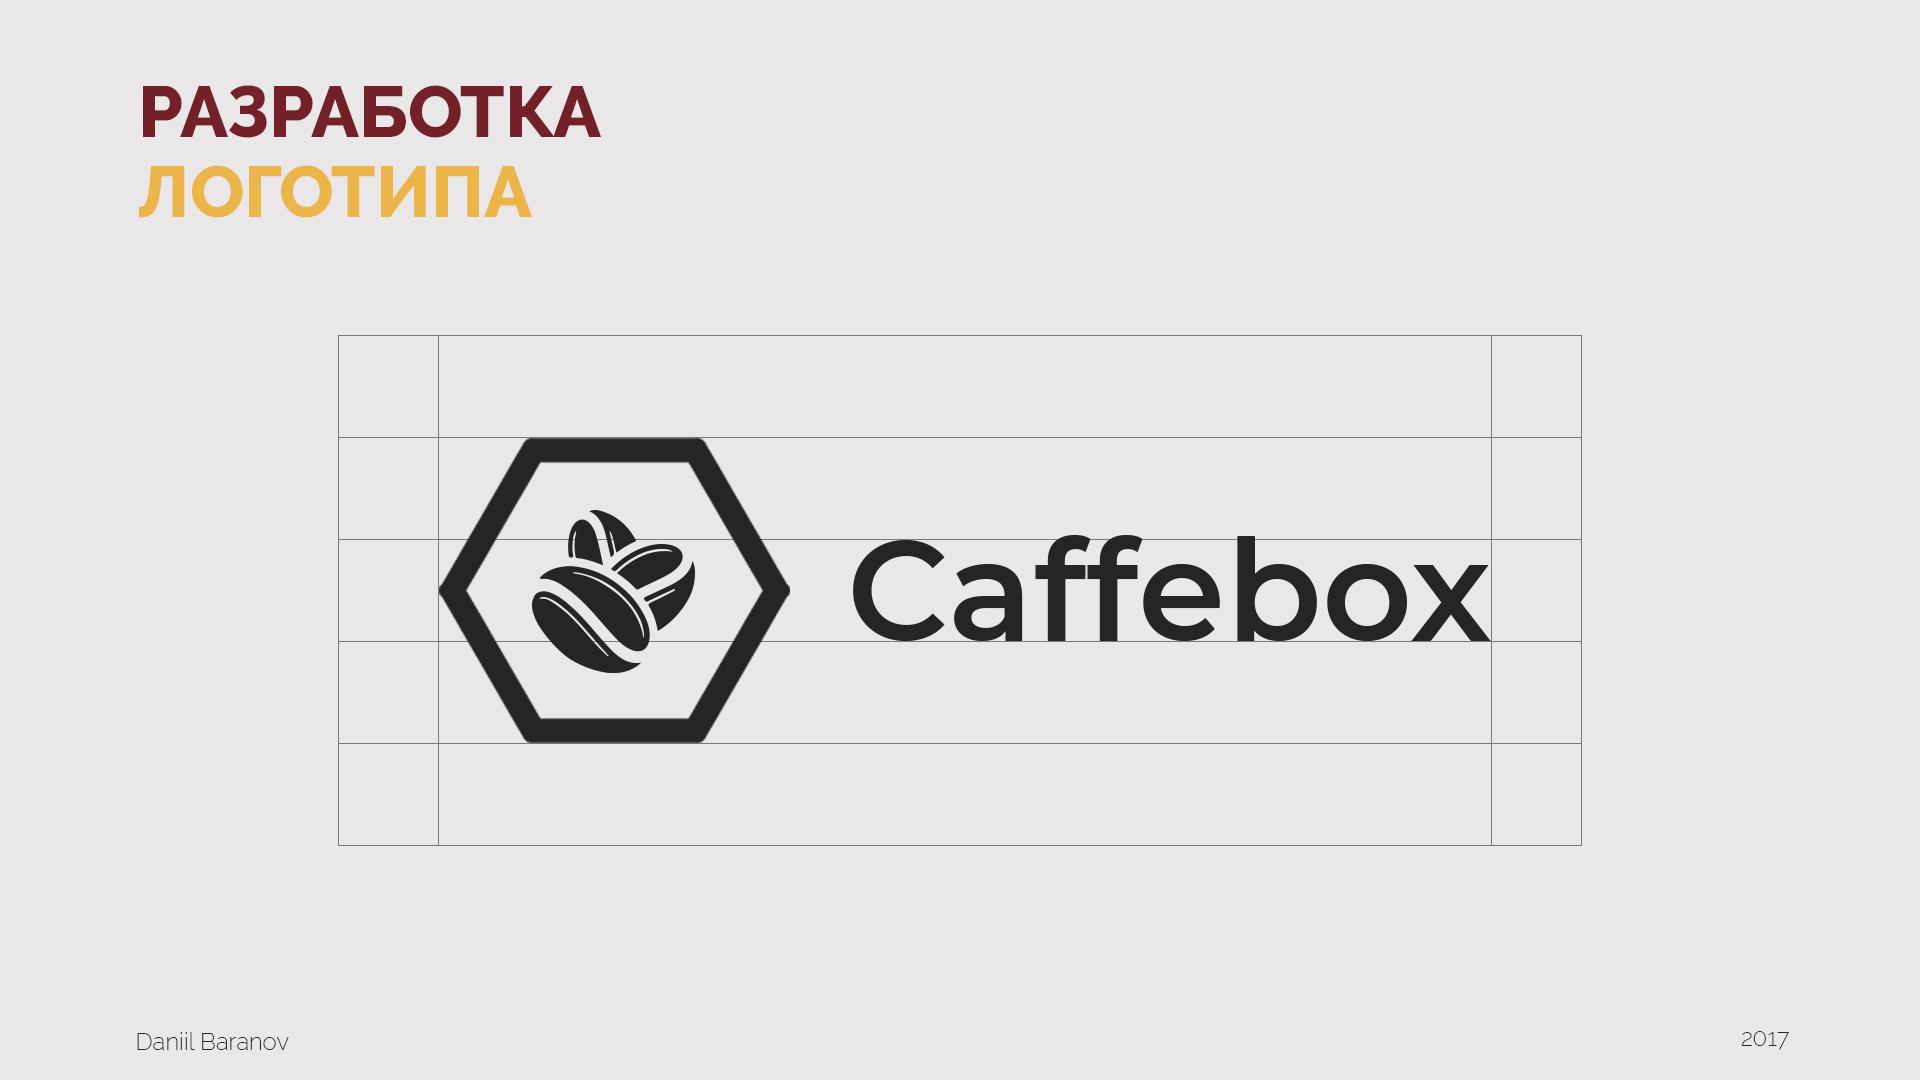 Требуется очень срочно разработать логотип кофейни! фото f_7425a0d285a36c8a.png